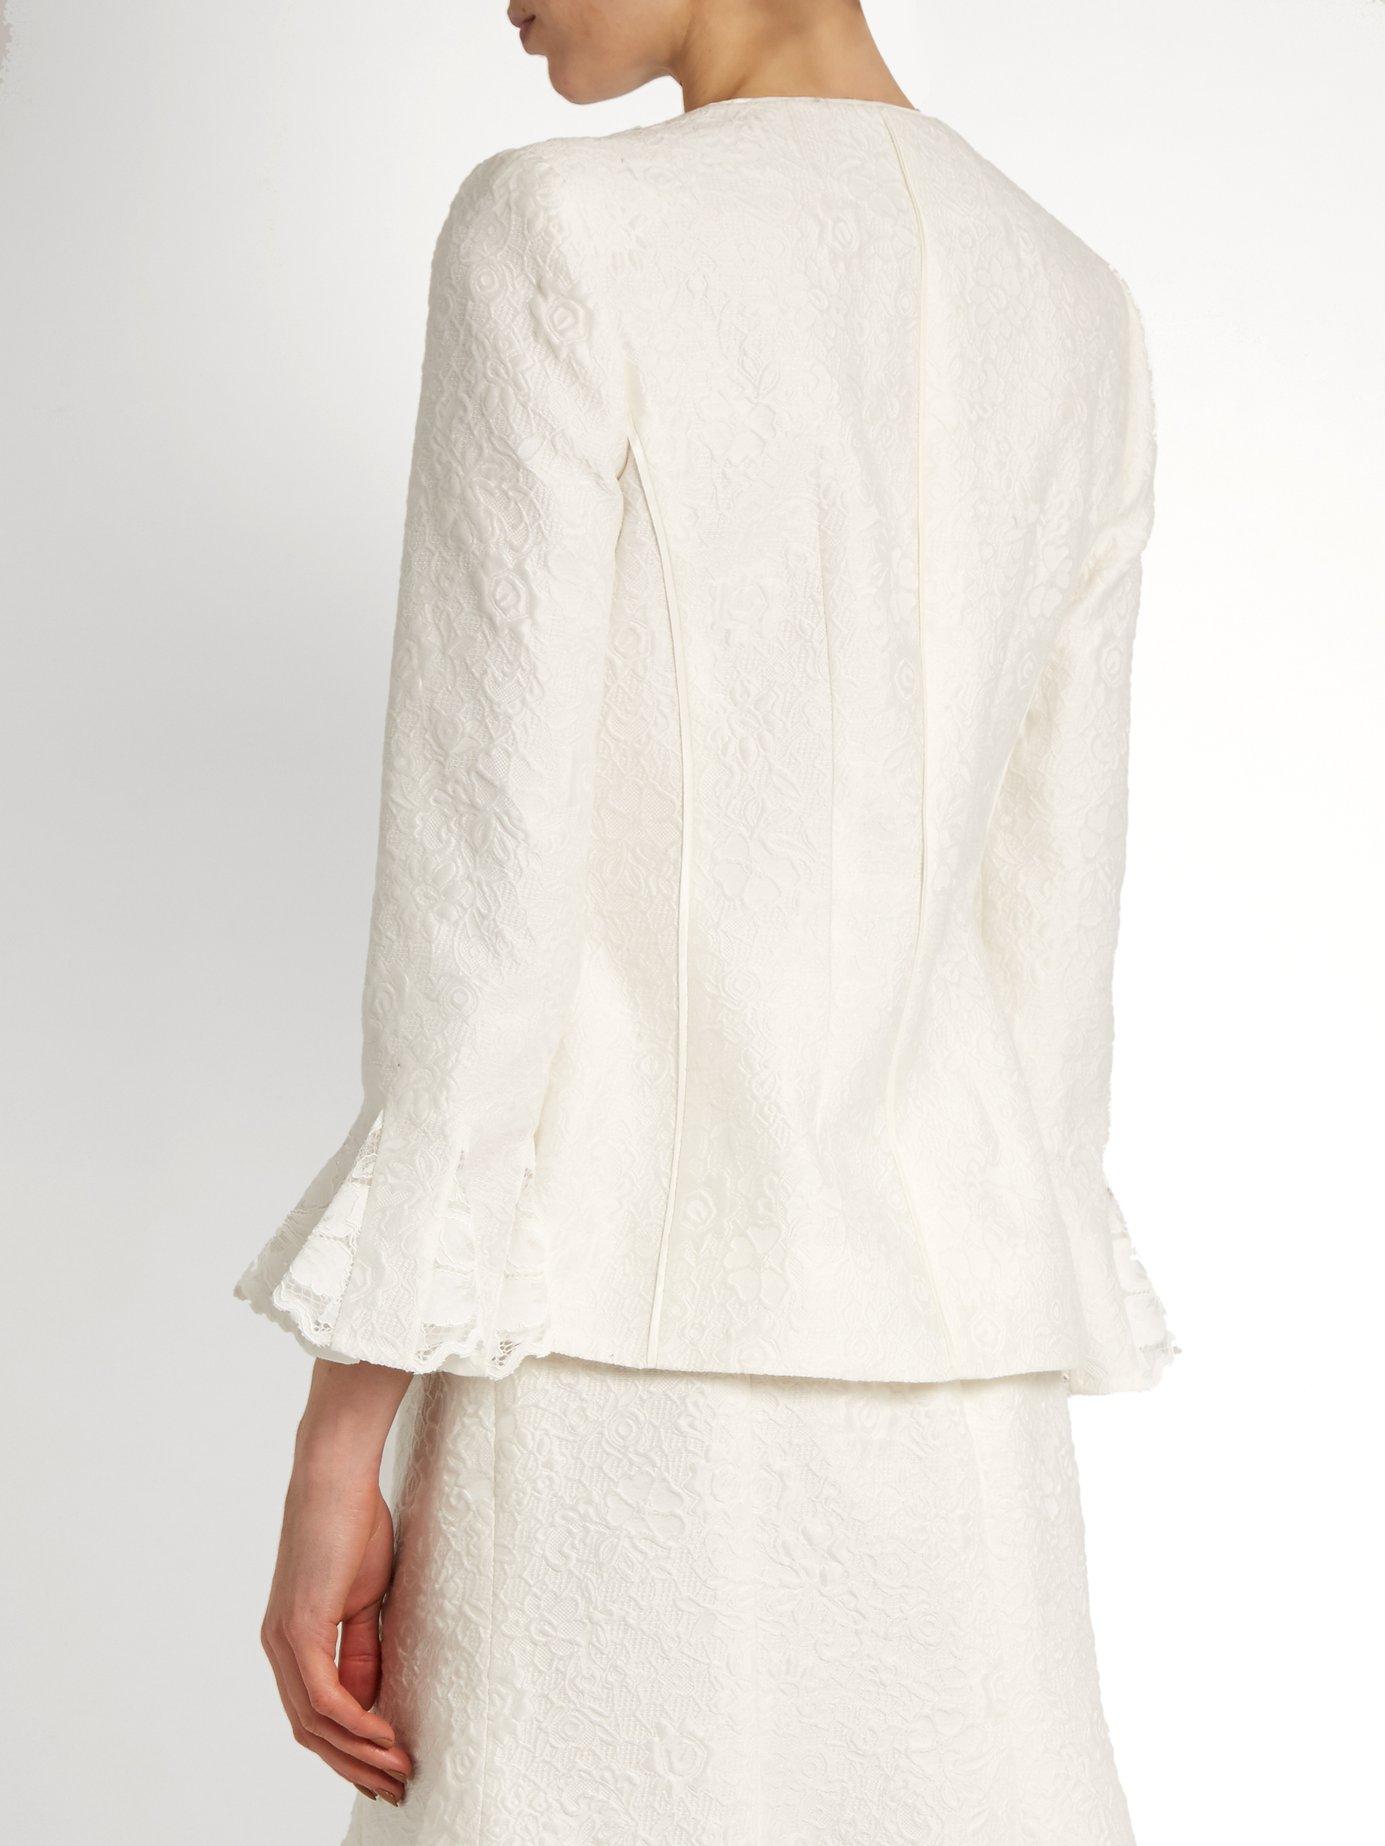 Photo of  by Oscar De La Renta - shop Oscar De La Renta jackets and coats sales